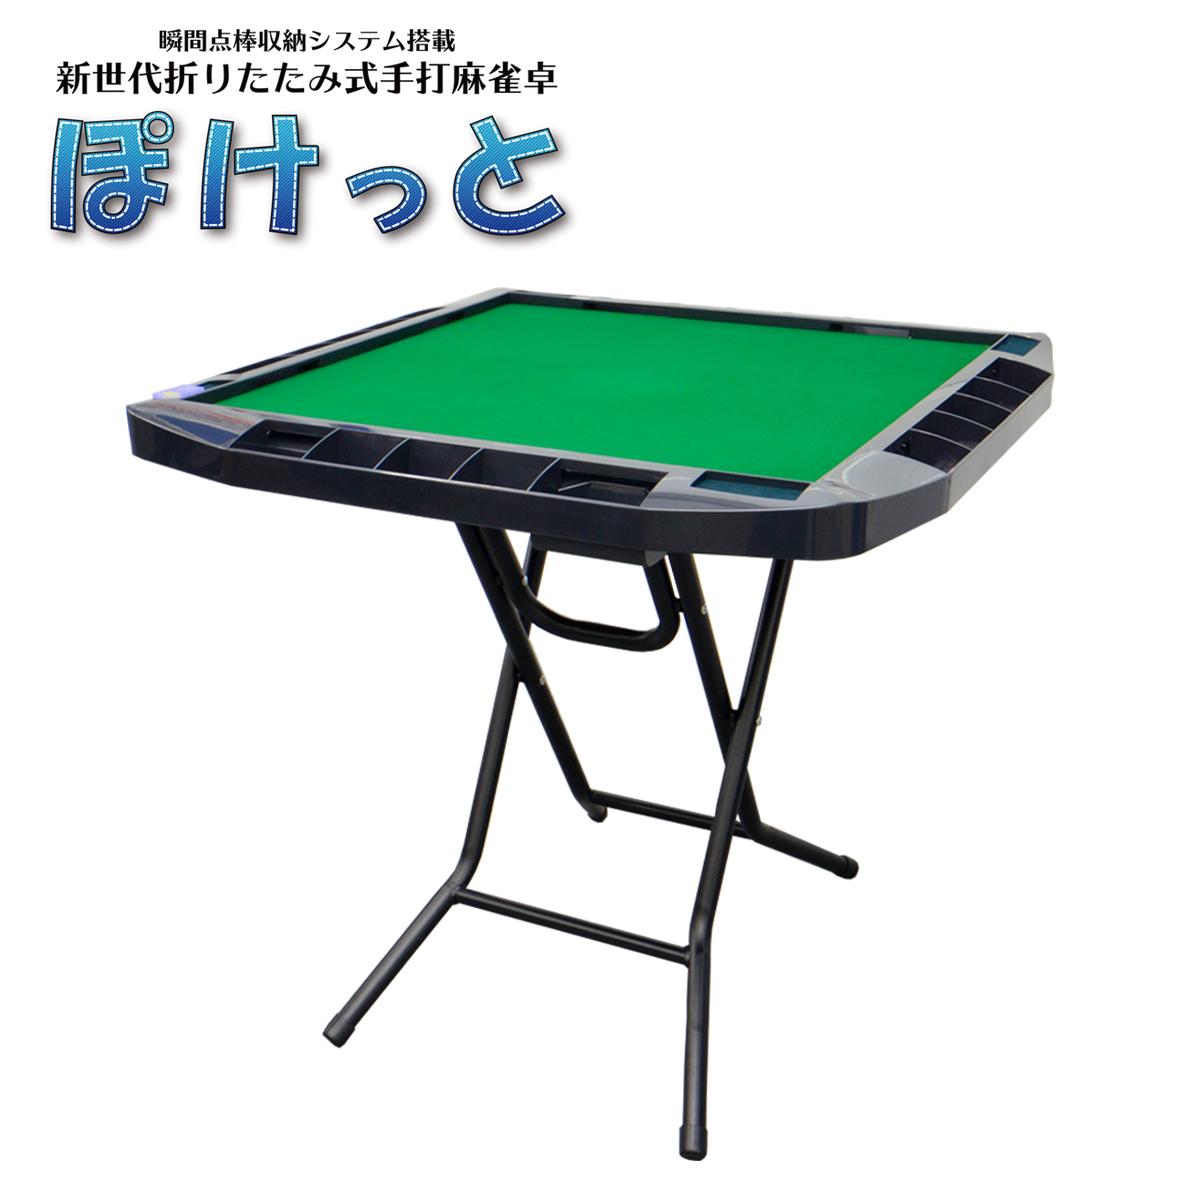 <title>新世代折りたたみ式手打ち麻雀卓 ぽけっと グリーンマット 無料</title>